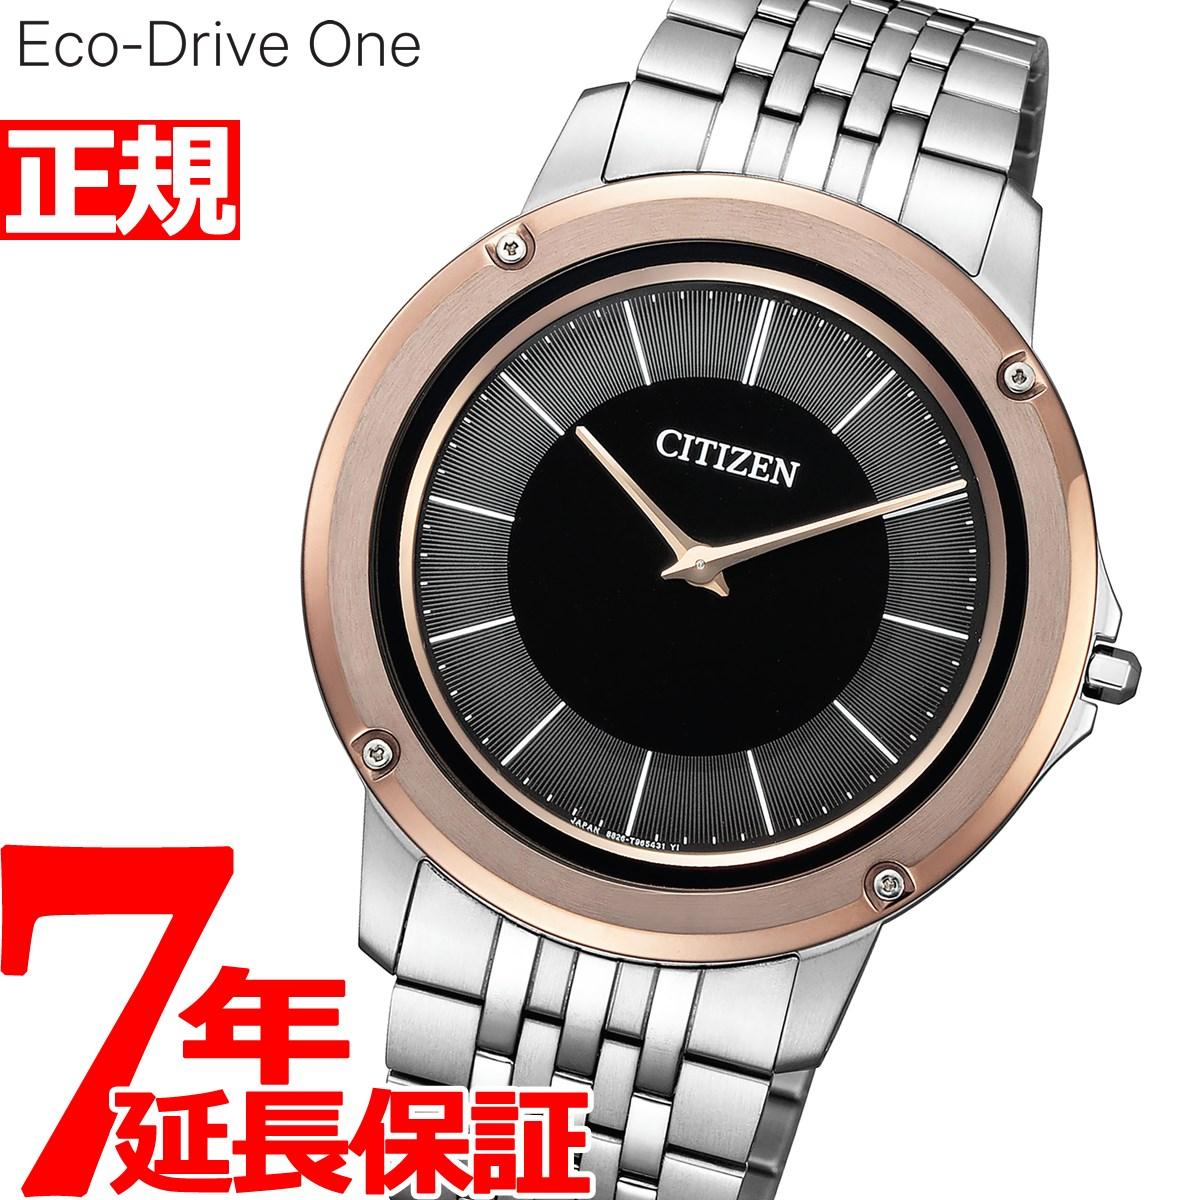 【5日0時~♪2000円OFFクーポン&店内ポイント最大51倍!5日23時59分まで】シチズン エコドライブ ワン CITIZEN Eco-Drive One ソーラー 腕時計 メンズ AR5055-58E